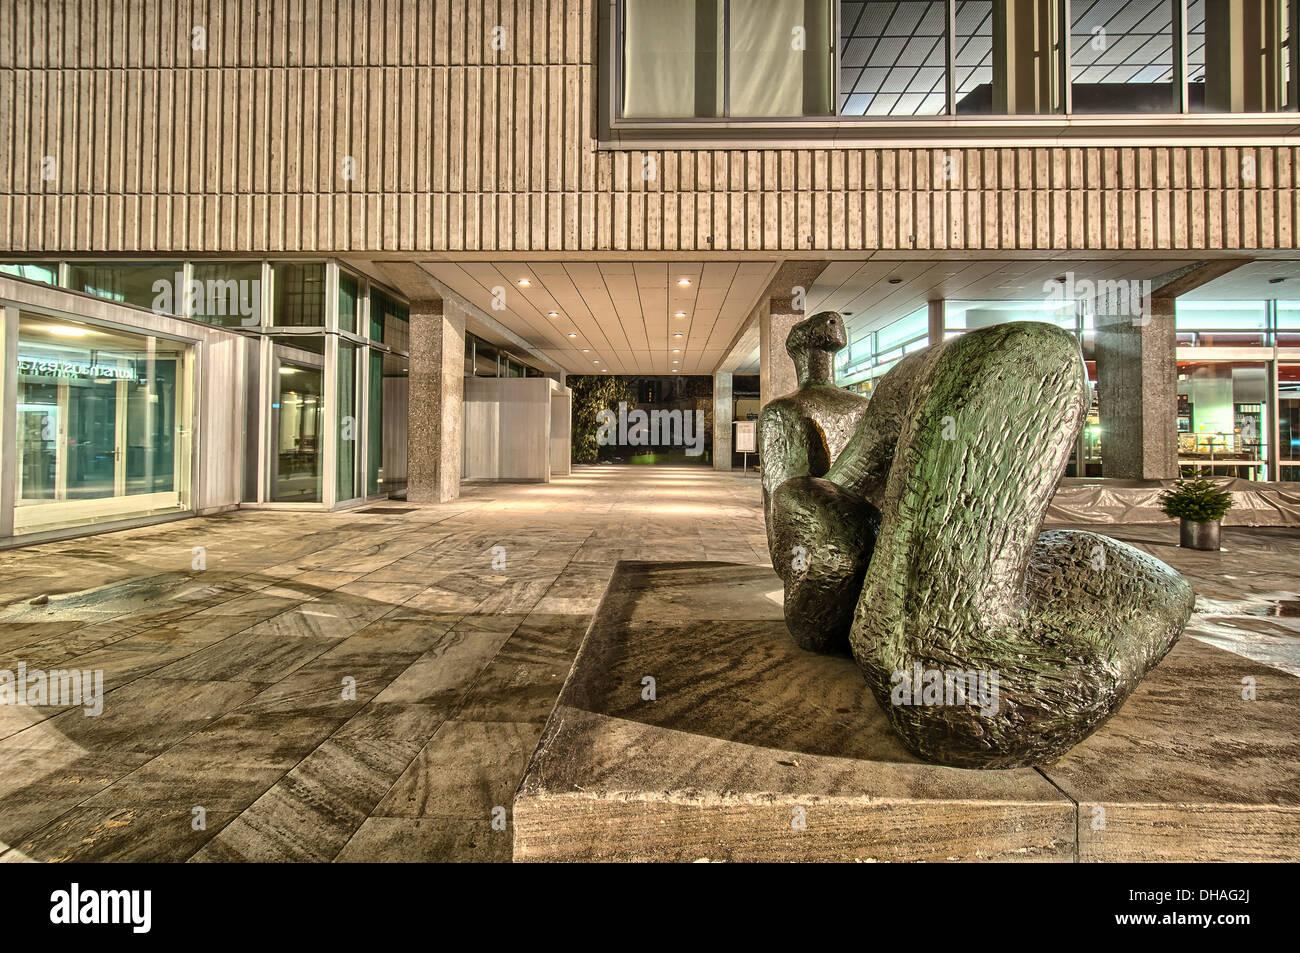 Kunstmuseum di scultura a Zurigo per la notte. La Svizzera. Immagini Stock